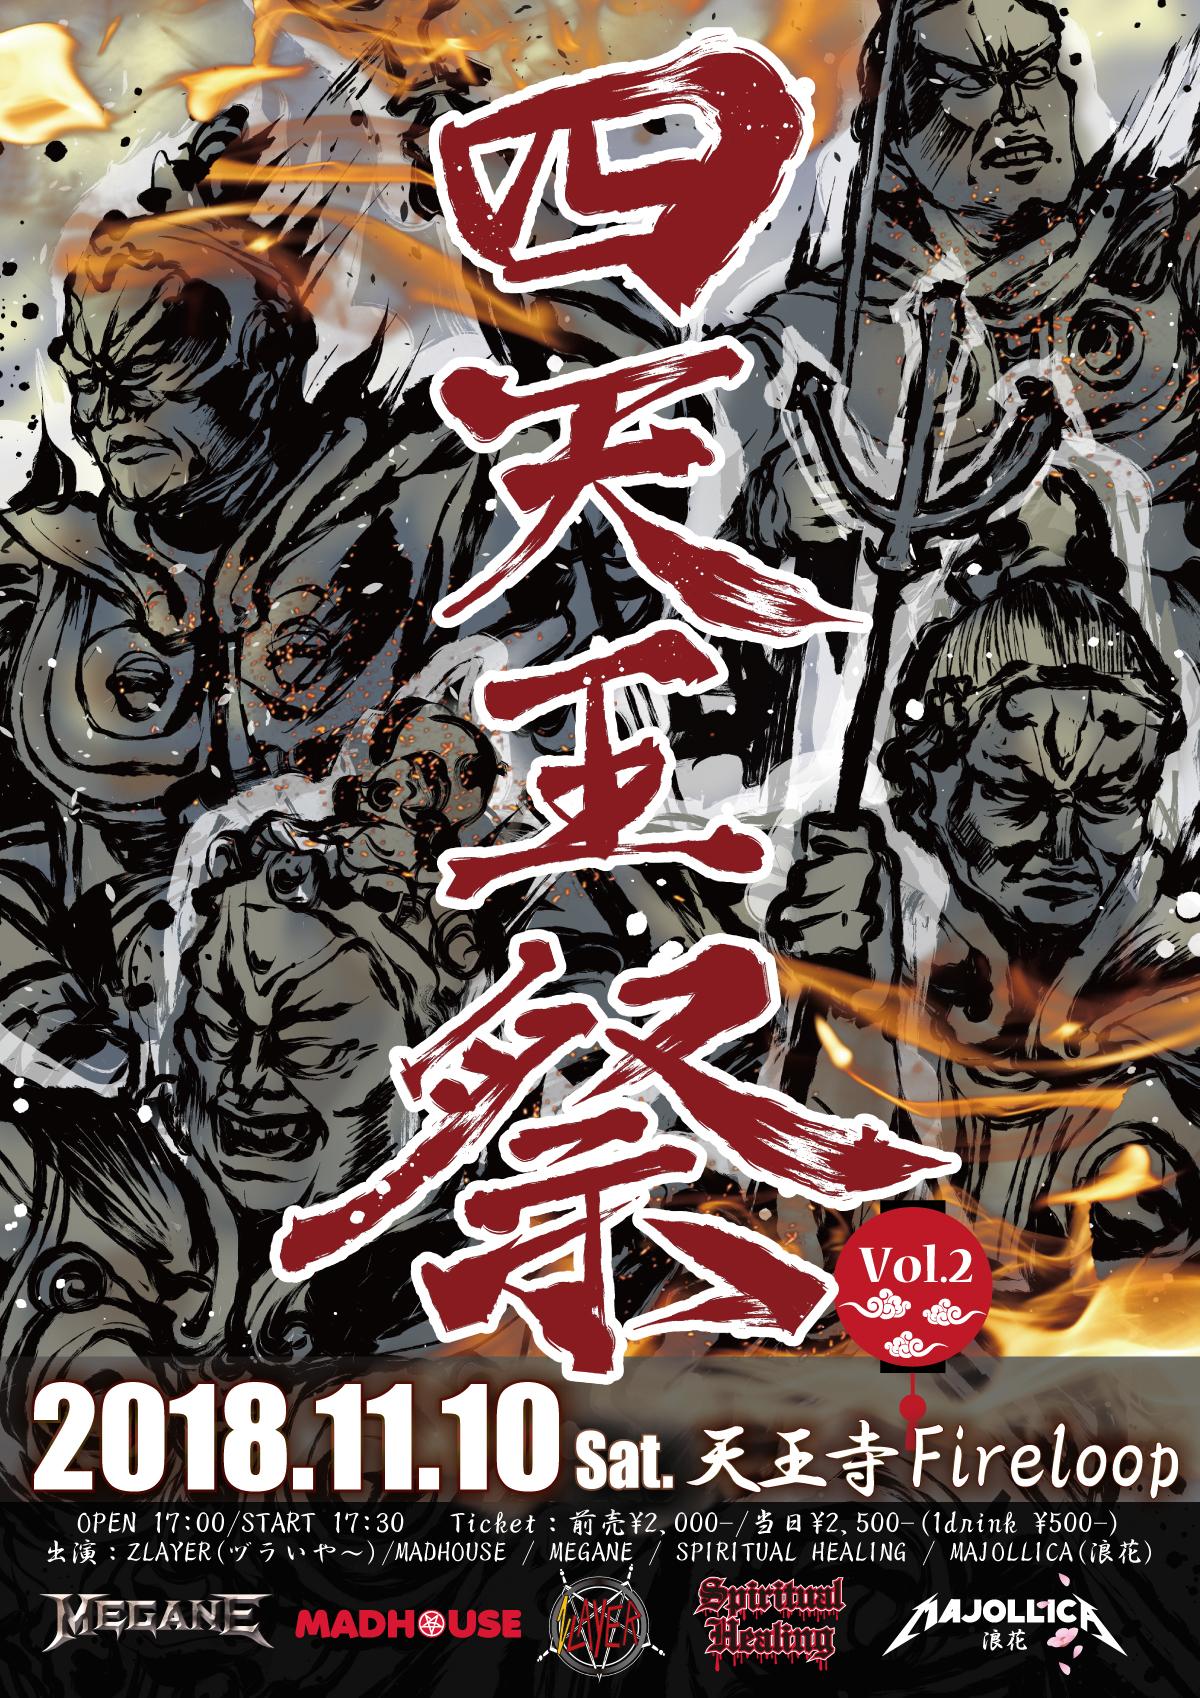 四天王祭りVol2(フライヤー)2018年11月10日スラッシュメタル四天王コピーバンドライブ